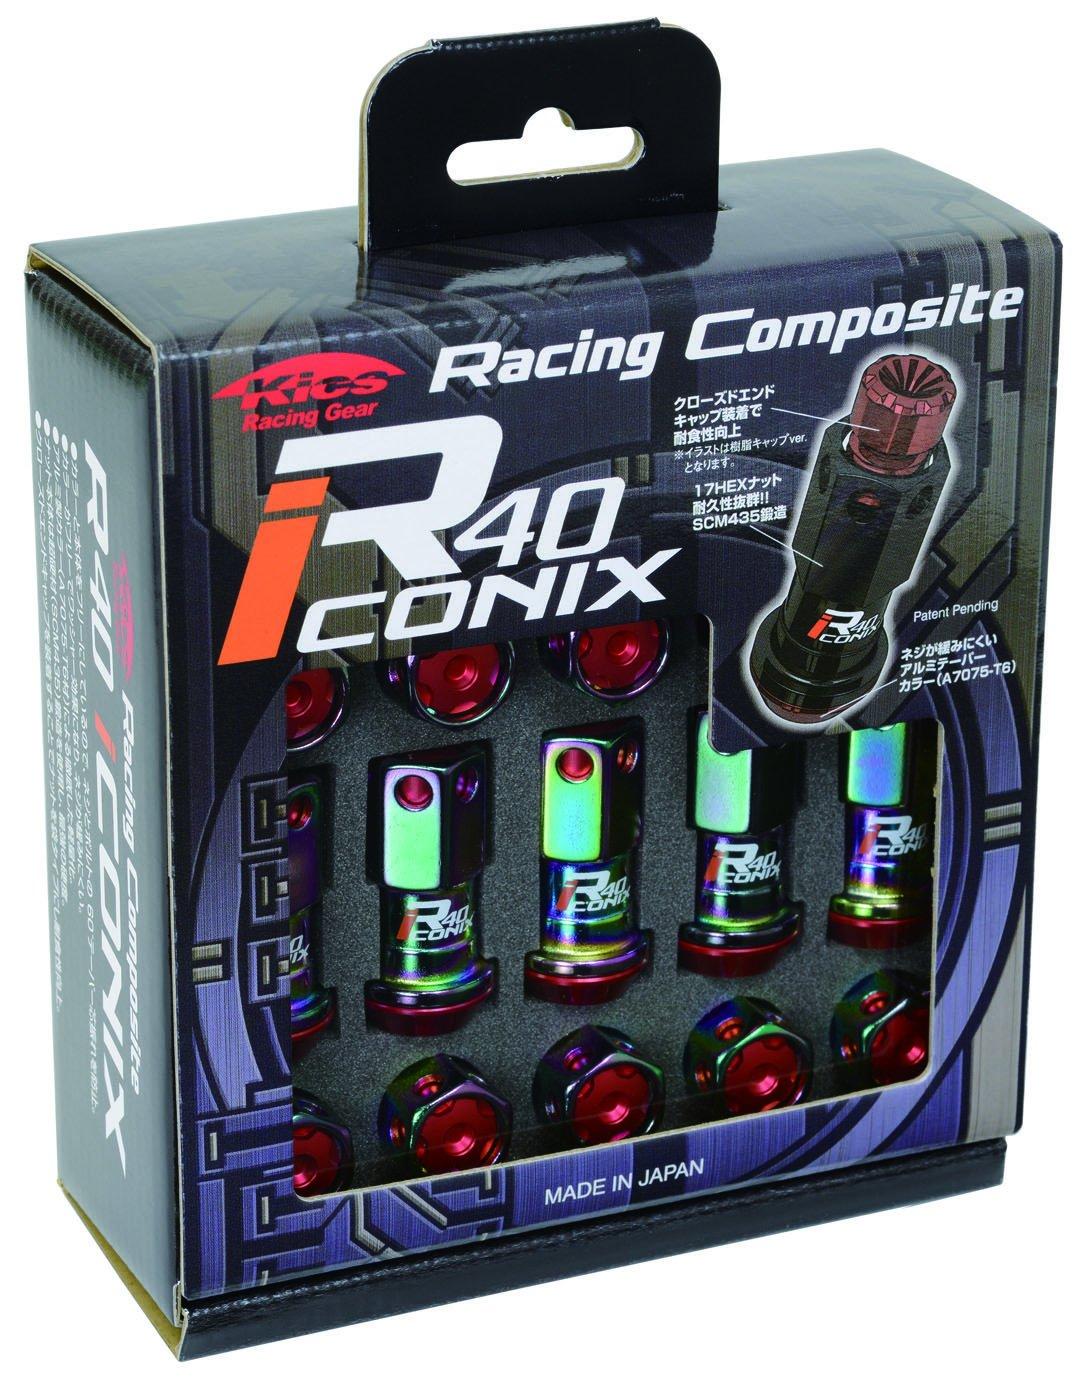 KYO-EI (協永産業) ホイールロックナット Racing Composite R40 iCONIX 【 M12 x P1.5 】 アルミキャップ付 【 ネオクロ/レッド 】 RIA-01NR B00OYSJZP0 レッド レッド